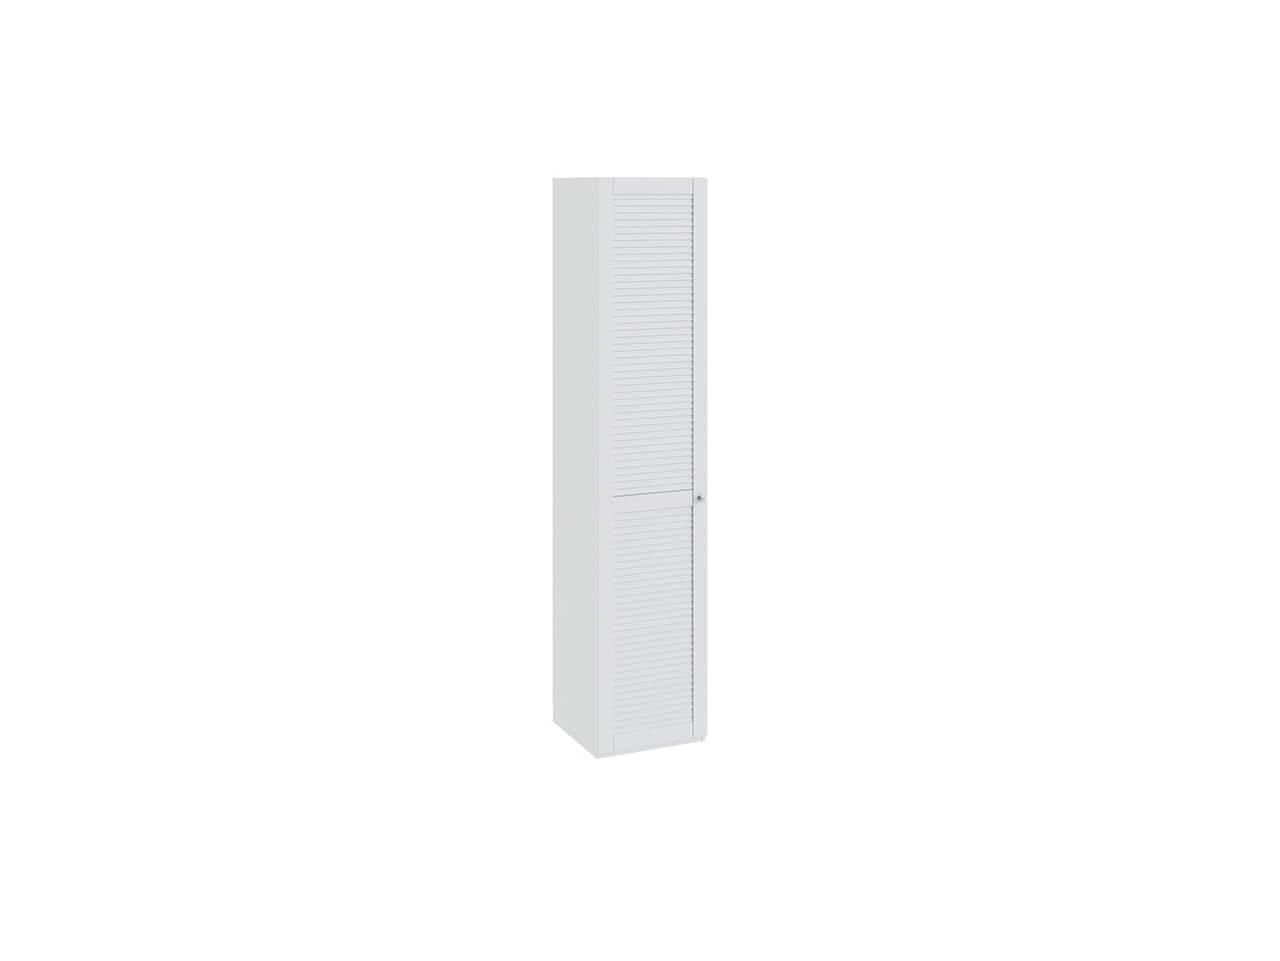 Шкаф для белья с 1-ой дверью левый Ривьера СМ 241-21-001L 447х452х2111